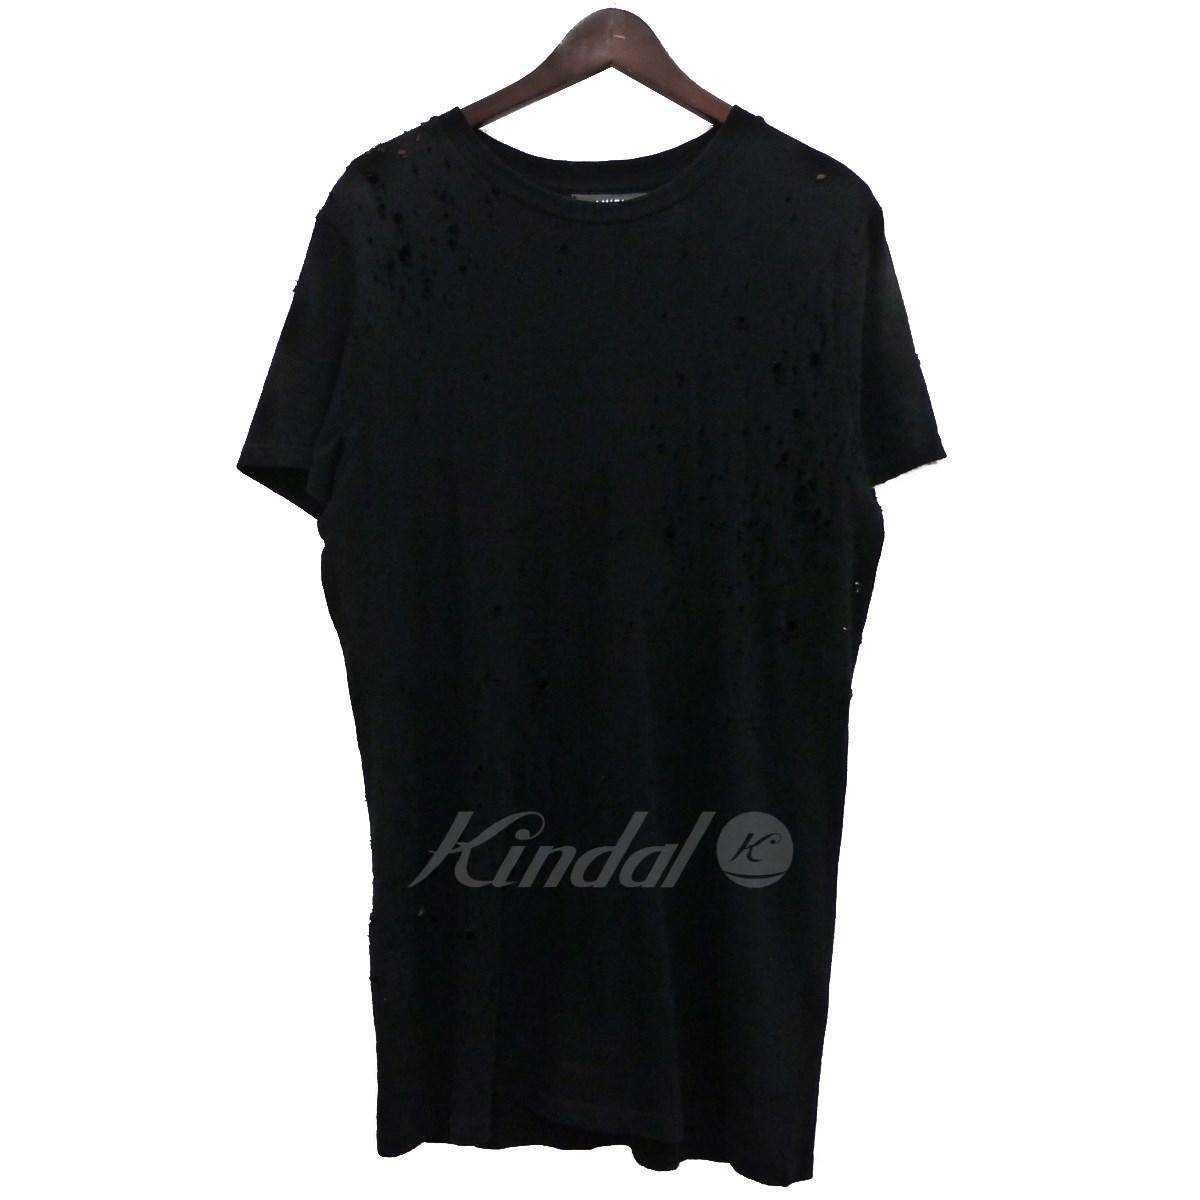 【中古】AMIRI ショットガンダダメージ加工Tシャツ ブラック サイズ:M 【送料無料】 【250219】(アミリ)